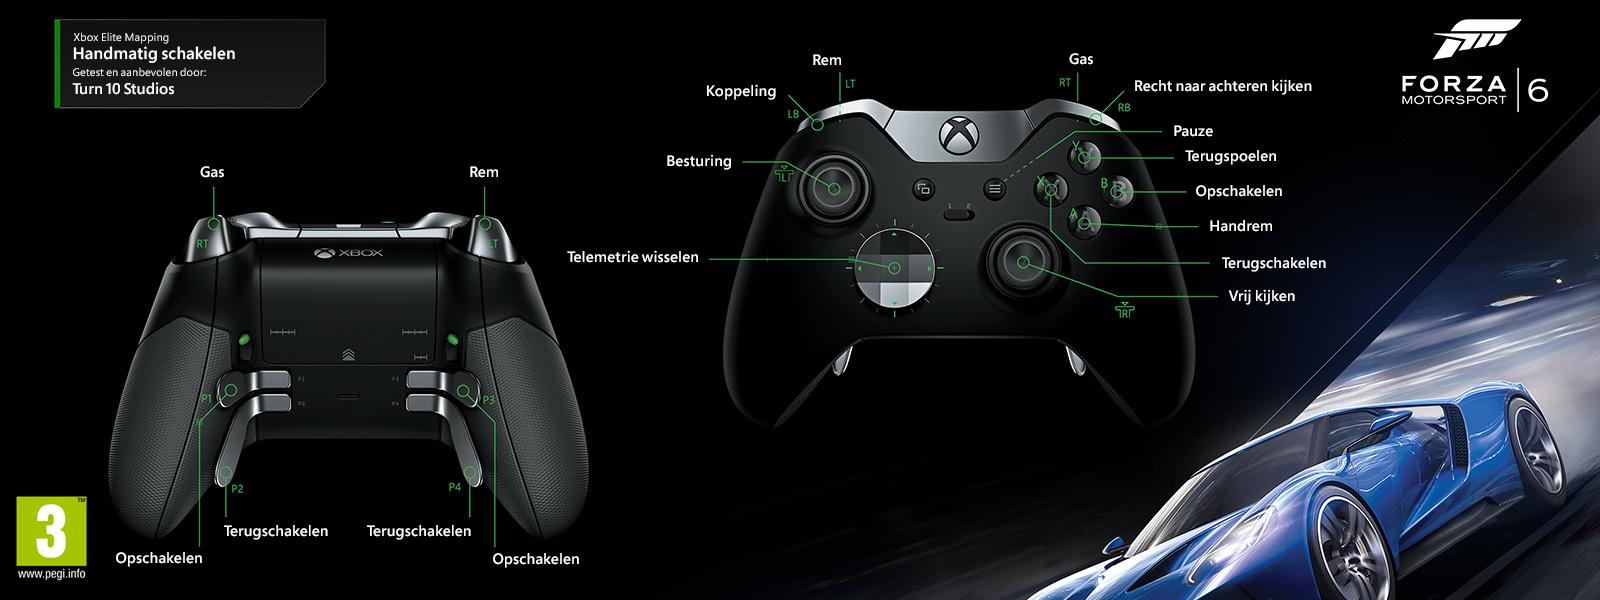 Forza Motorsport 6 - Elite-mapping voor handmatig schakelen